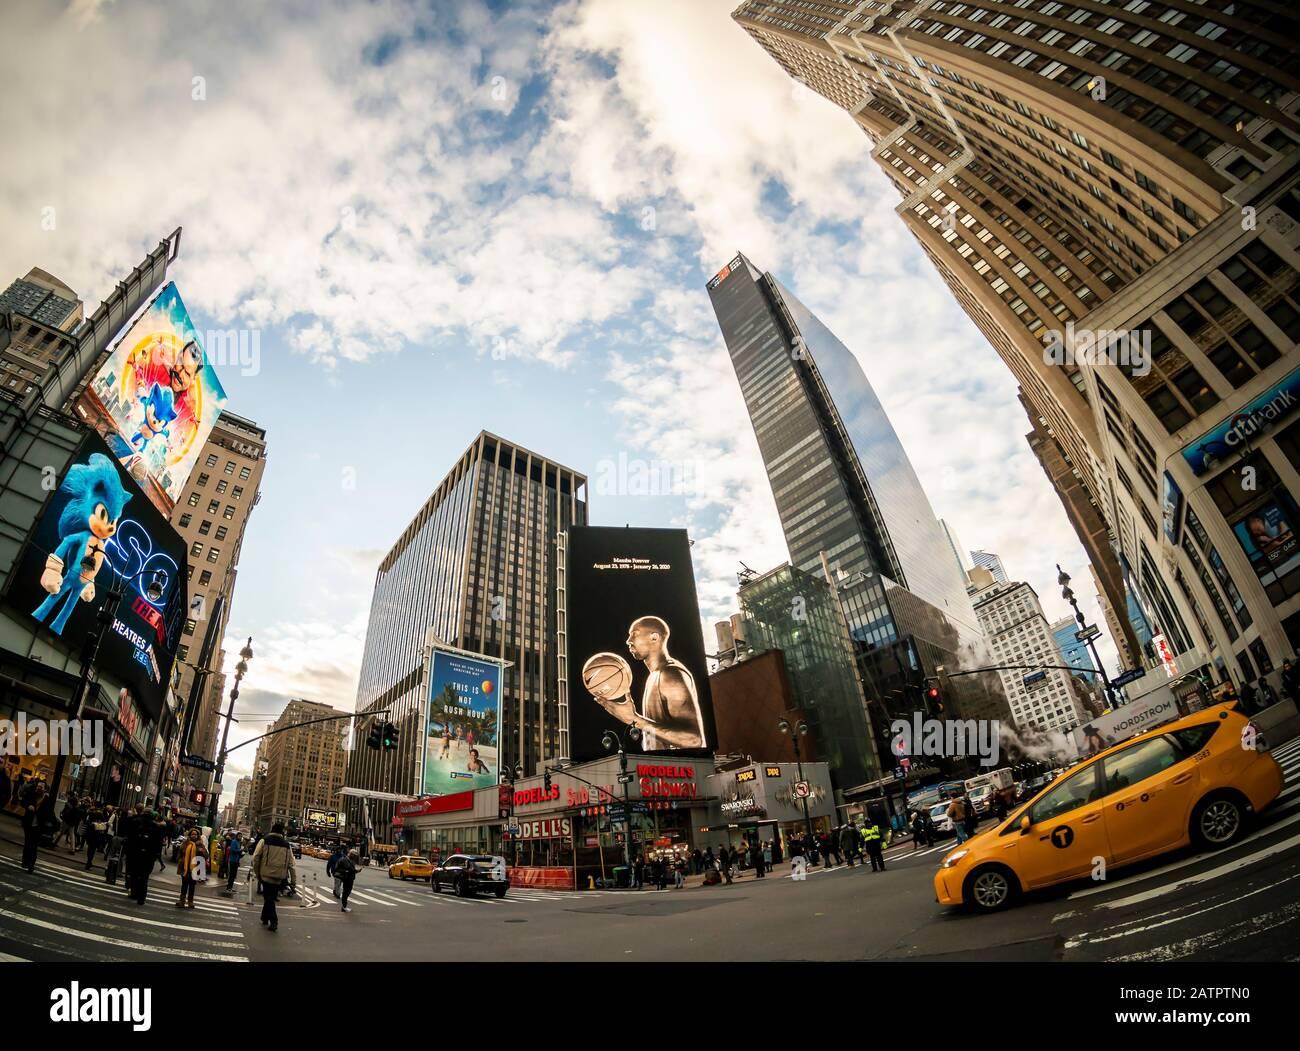 Eine Plakatwand, Mitte, auf dem Herald Square in New York, die sich normalerweise der Werbung von Nike widmet, würdigt die verstorbene Basketballlegende Kobe Bryant, die am Montag, 27. Januar 2020 zu sehen ist. Bryant starb am Sonntag im Alter von 41 Jahren bei einem Hubschrauberabsturz in Kalifornien. (© Richard B. Levine) Stockfoto